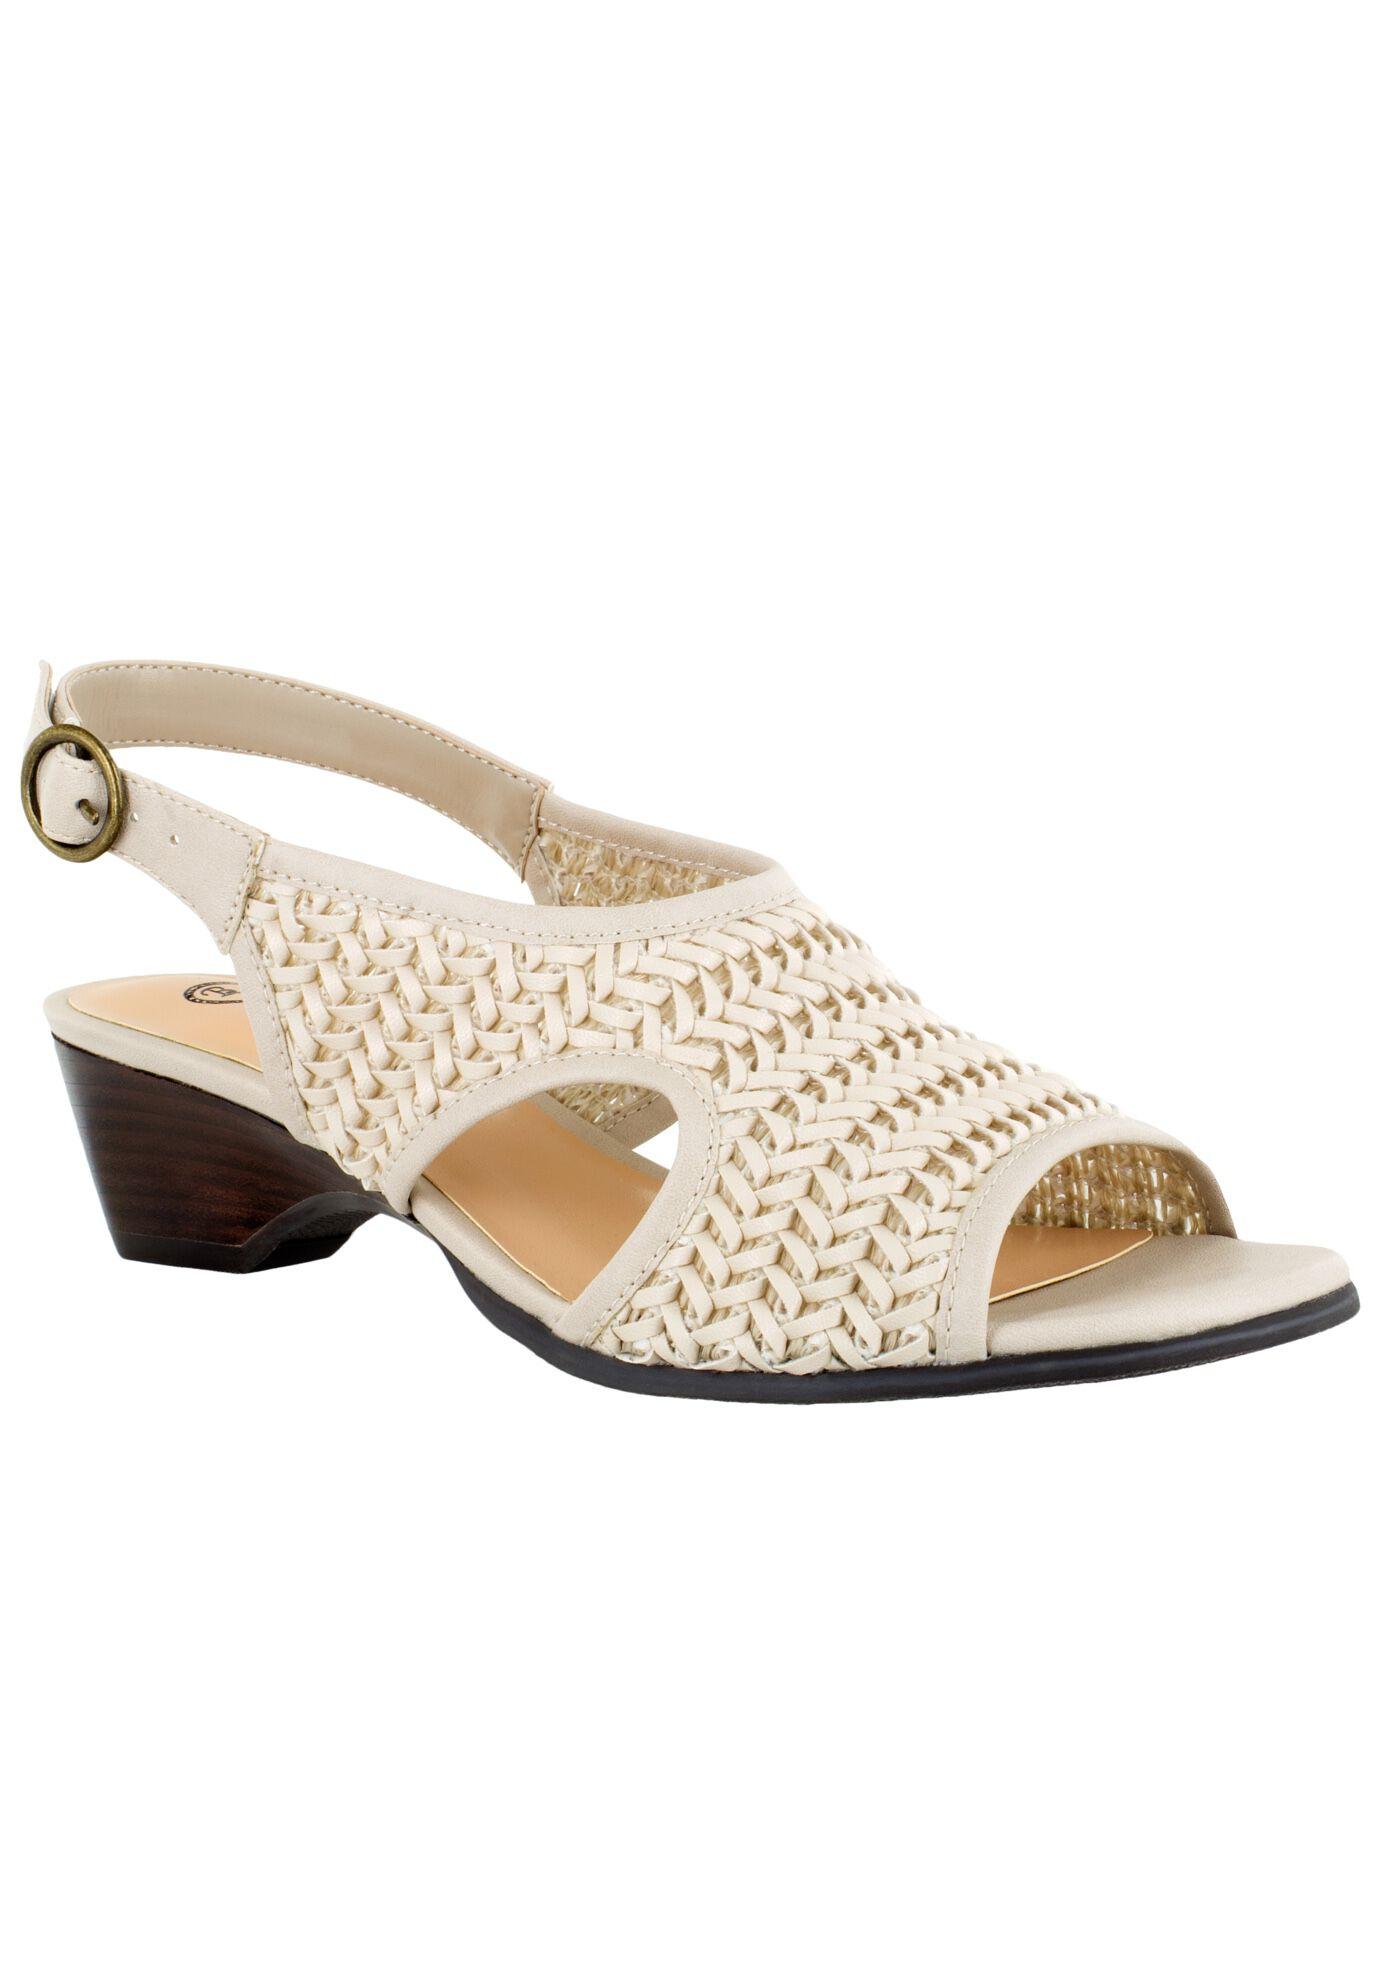 Women's Wide Width Shoes by Bella Vita